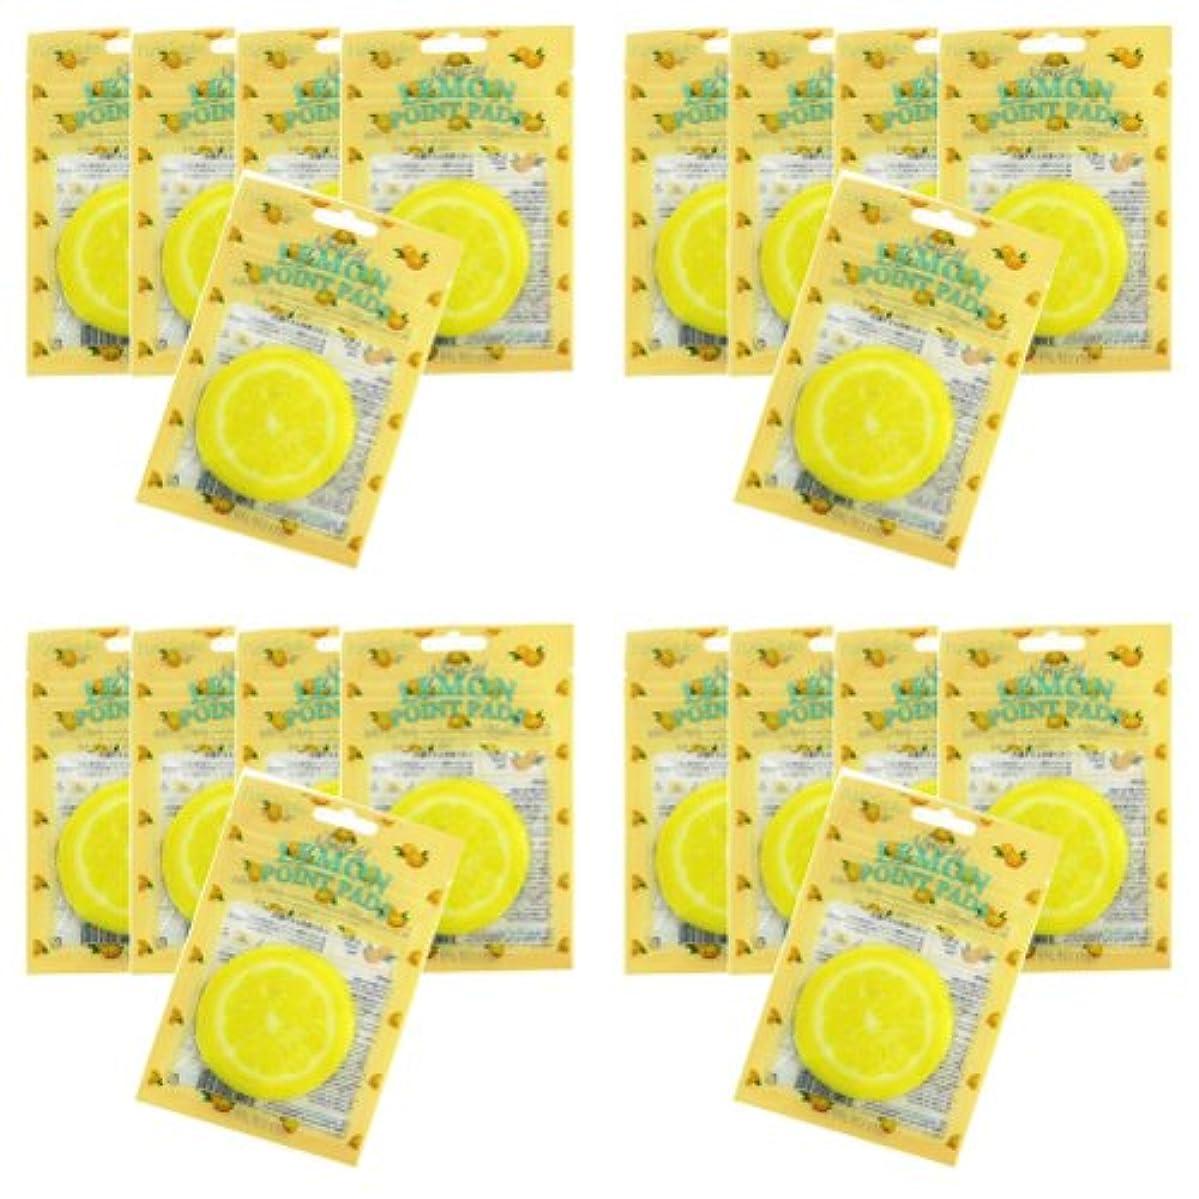 勢いカウボーイエレクトロニックピュアスマイル ジューシーポイントパッド レモン20パックセット(1パック10枚入 合計200枚)